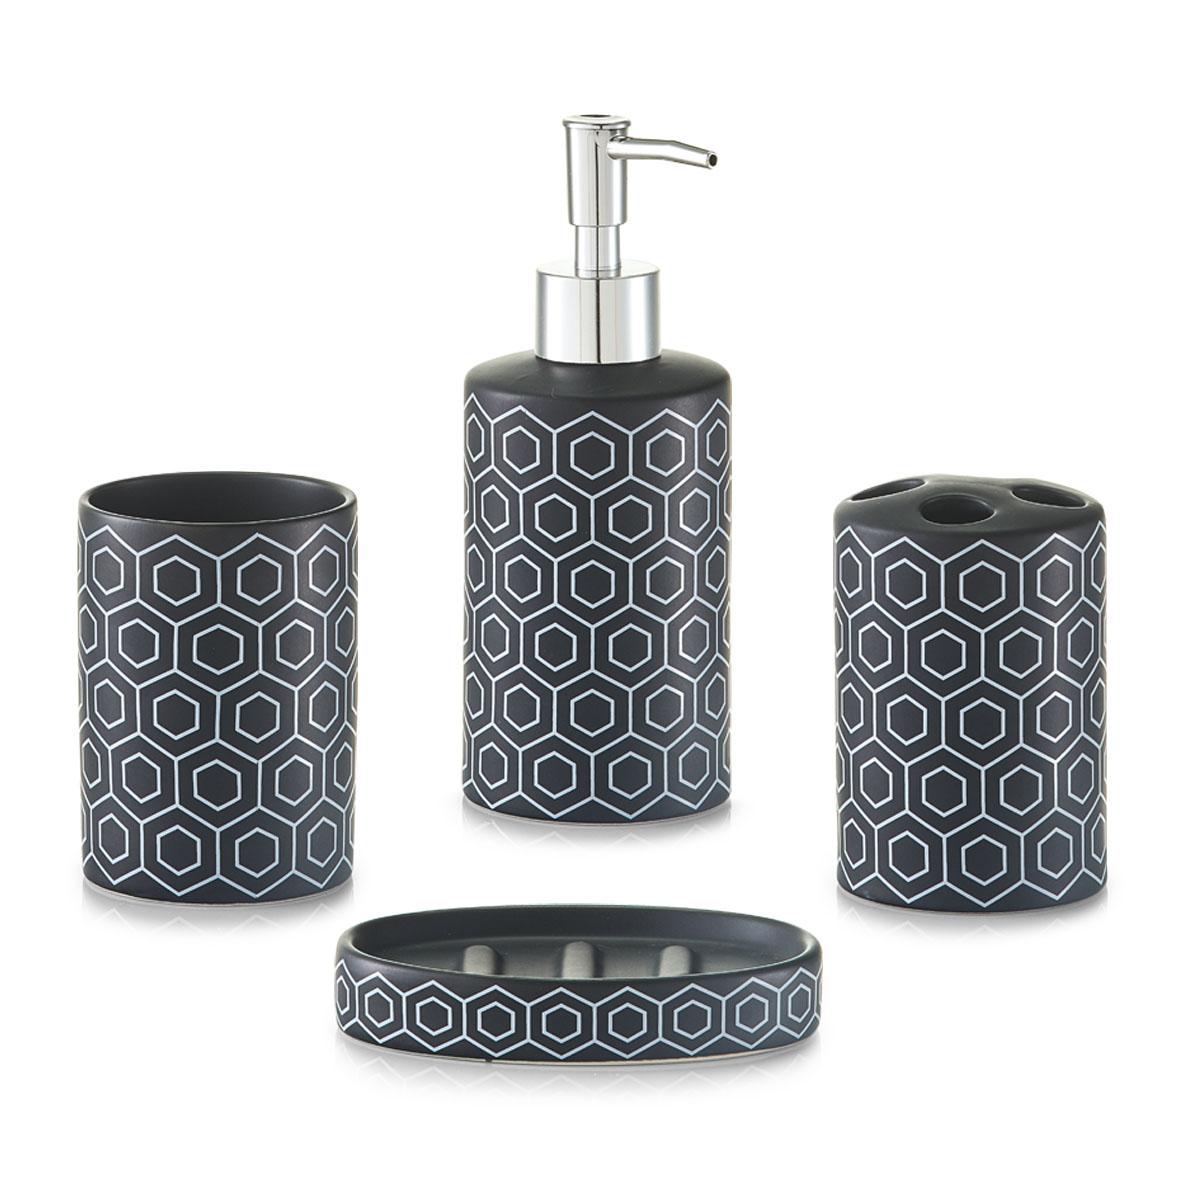 Koupelnová sada, vzor plástev, černá, Zeller